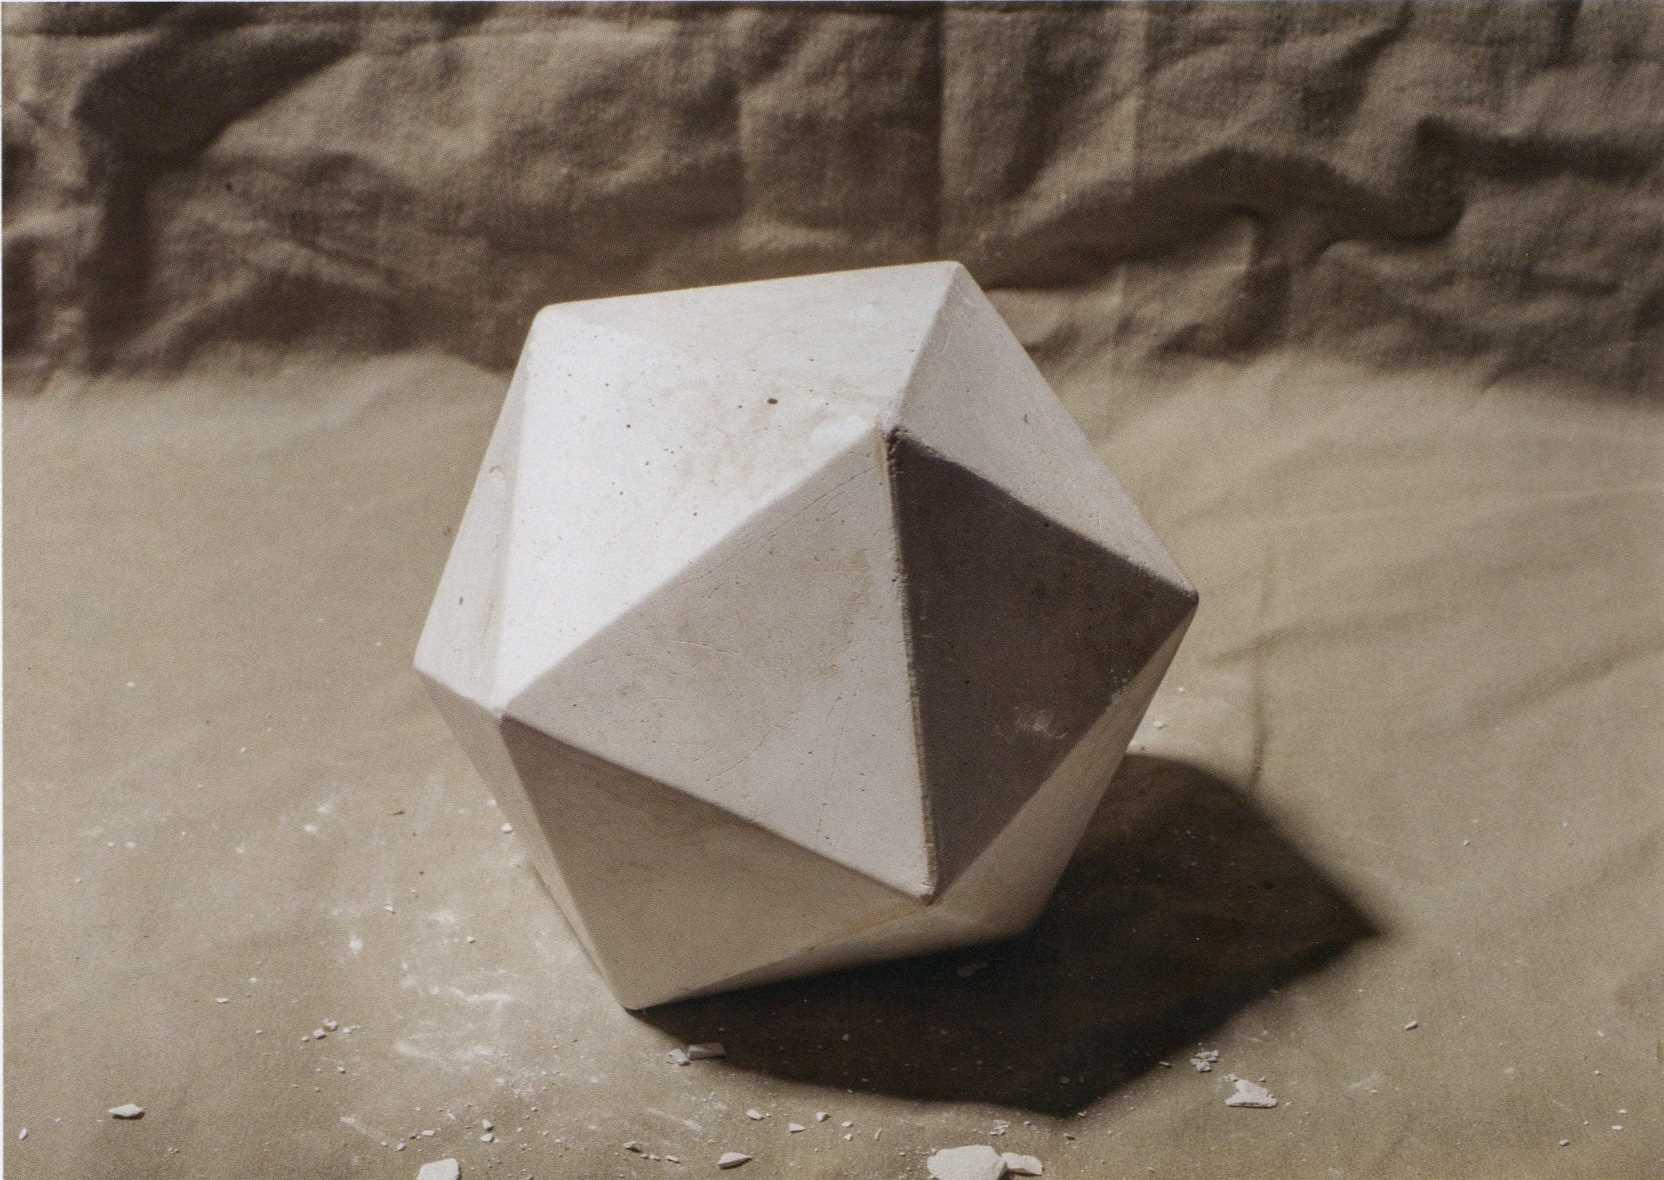 素描石膏几何体道具图,超清